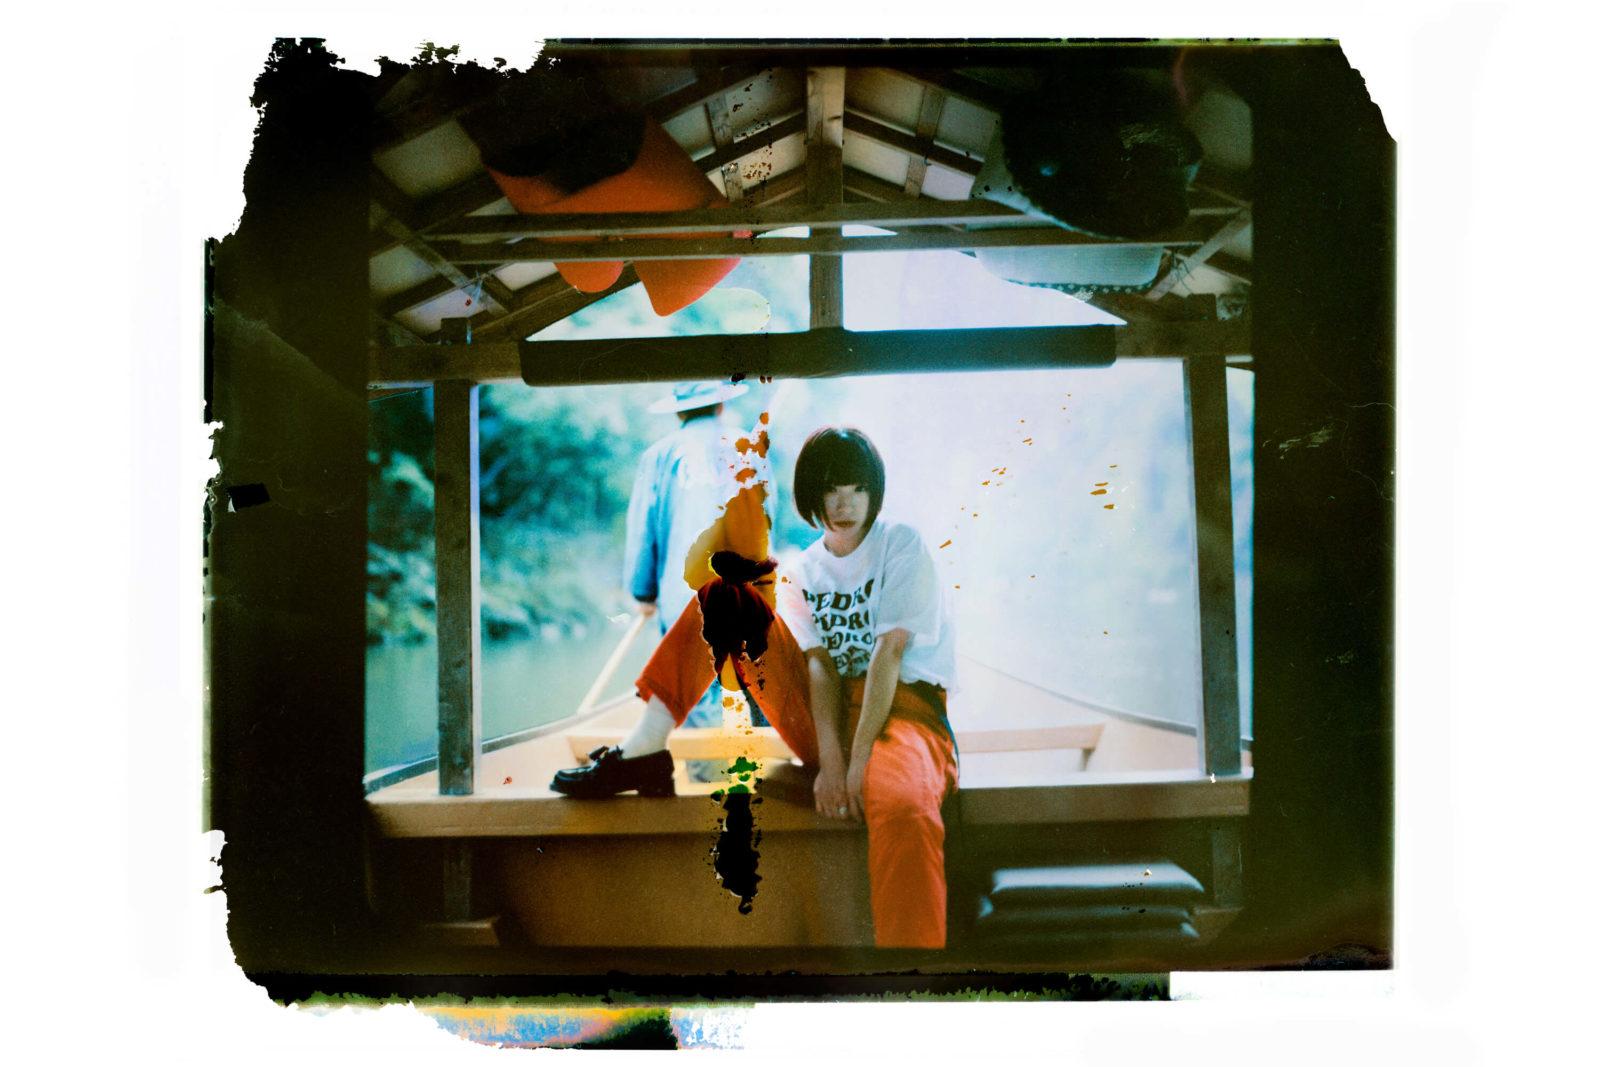 アユニ・D、ソロバンドプロジェクト「PEDRO」のアルバム収録ライブ映像を限定フル公開サムネイル画像